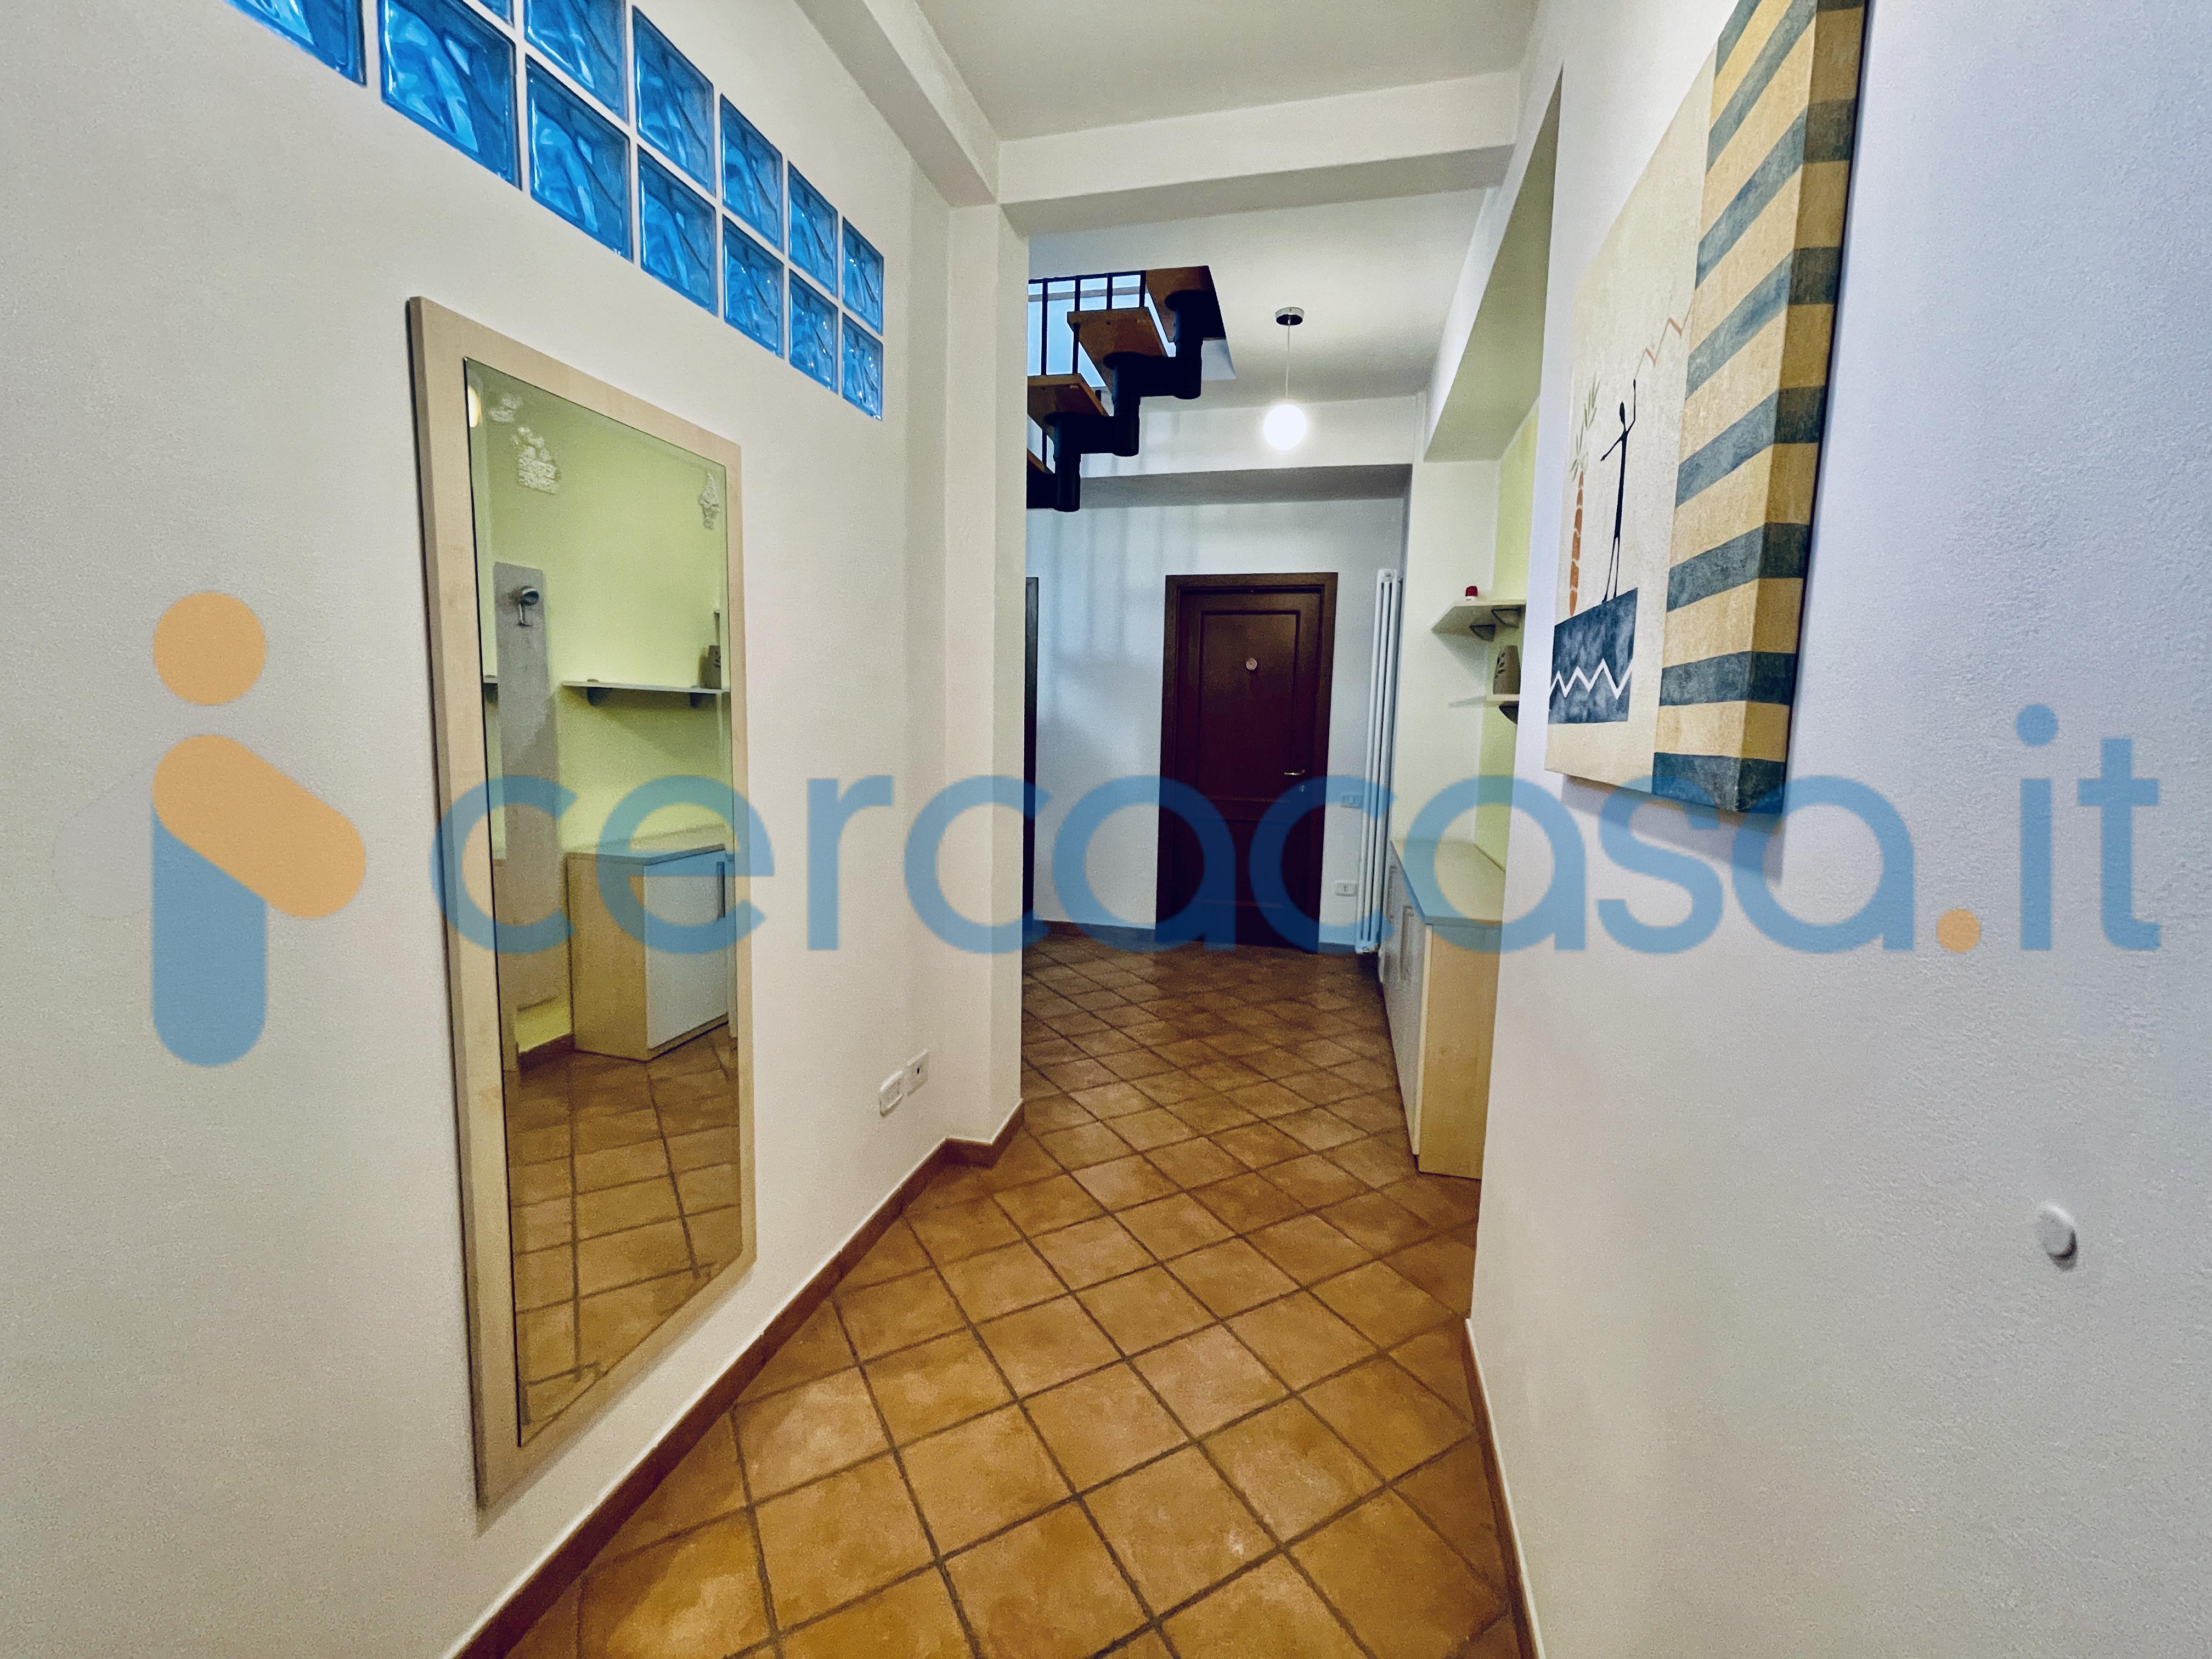 _appartamento-__201c_attico__201d-con-_terrazza-in-_centro-_storico-a-_pesaro